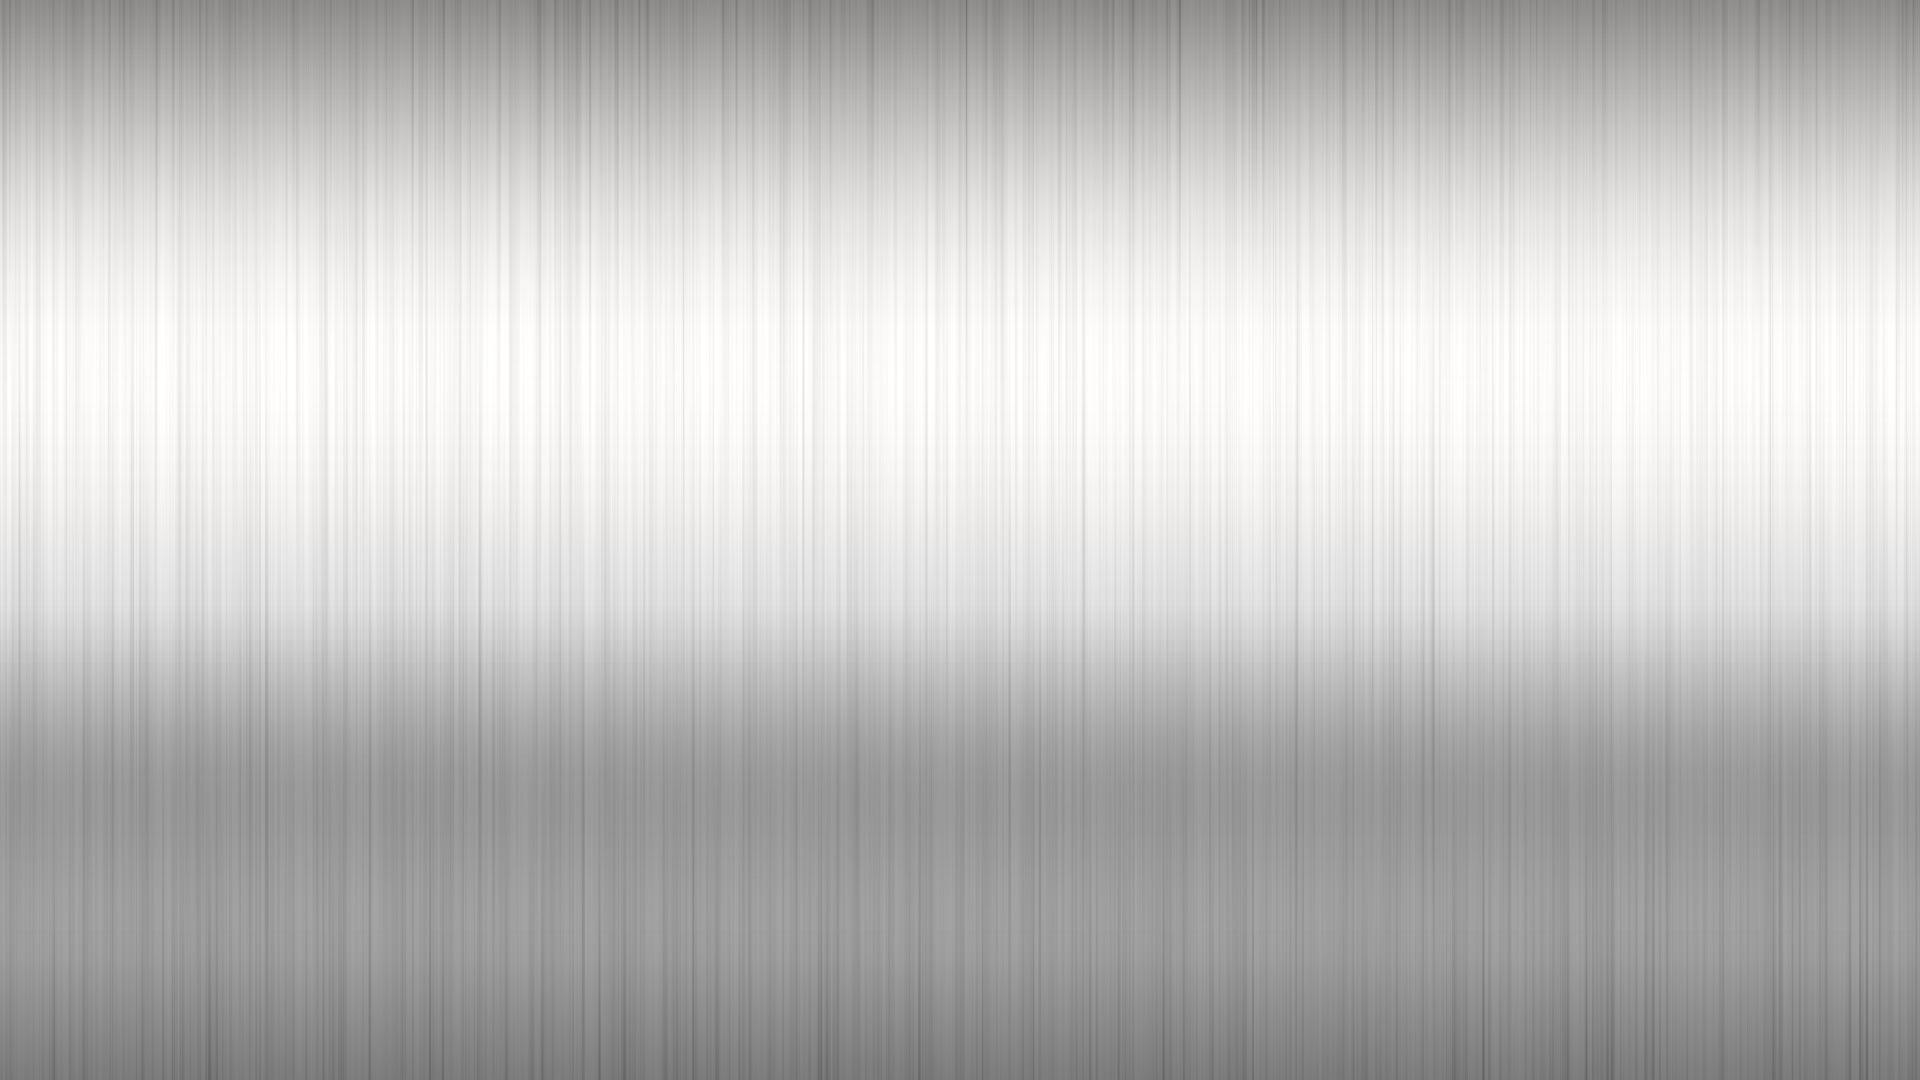 Silver 1920x1080 wallpaper